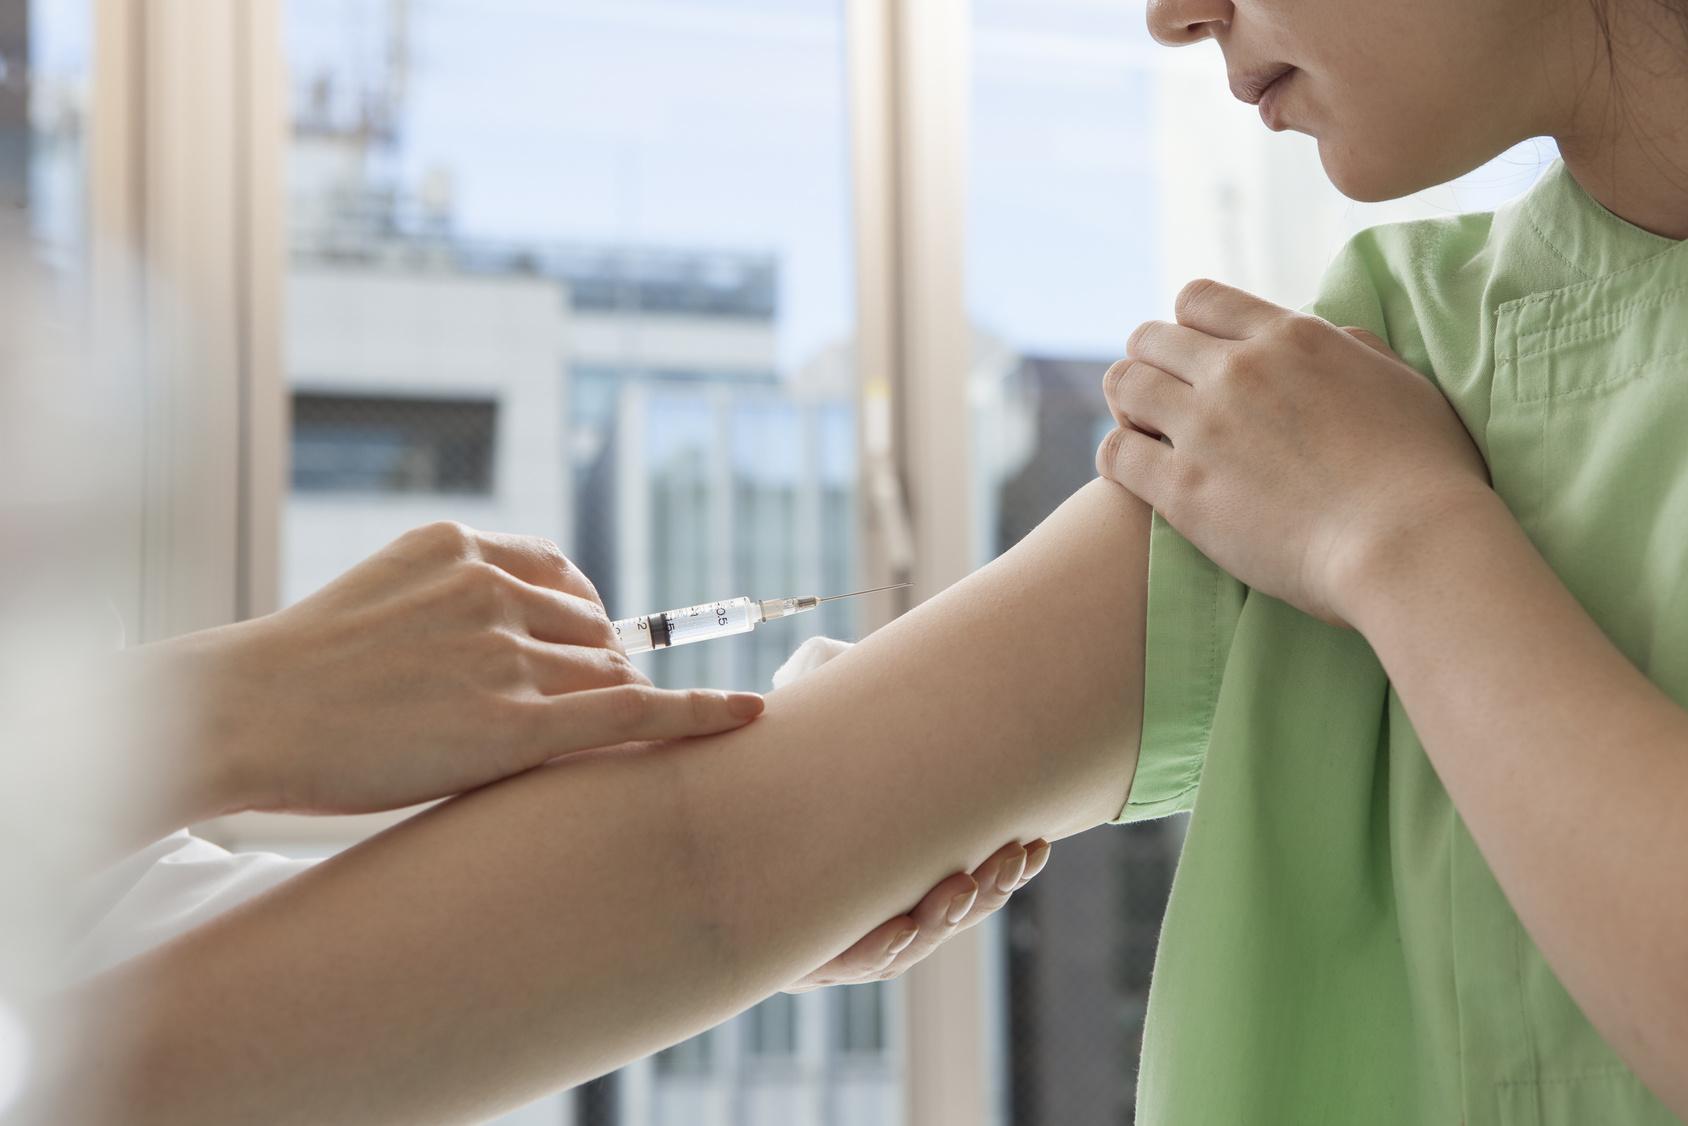 インフルエンザで受診するときは早すぎても検査できないし、遅すぎてもお薬が効かないから難しい!